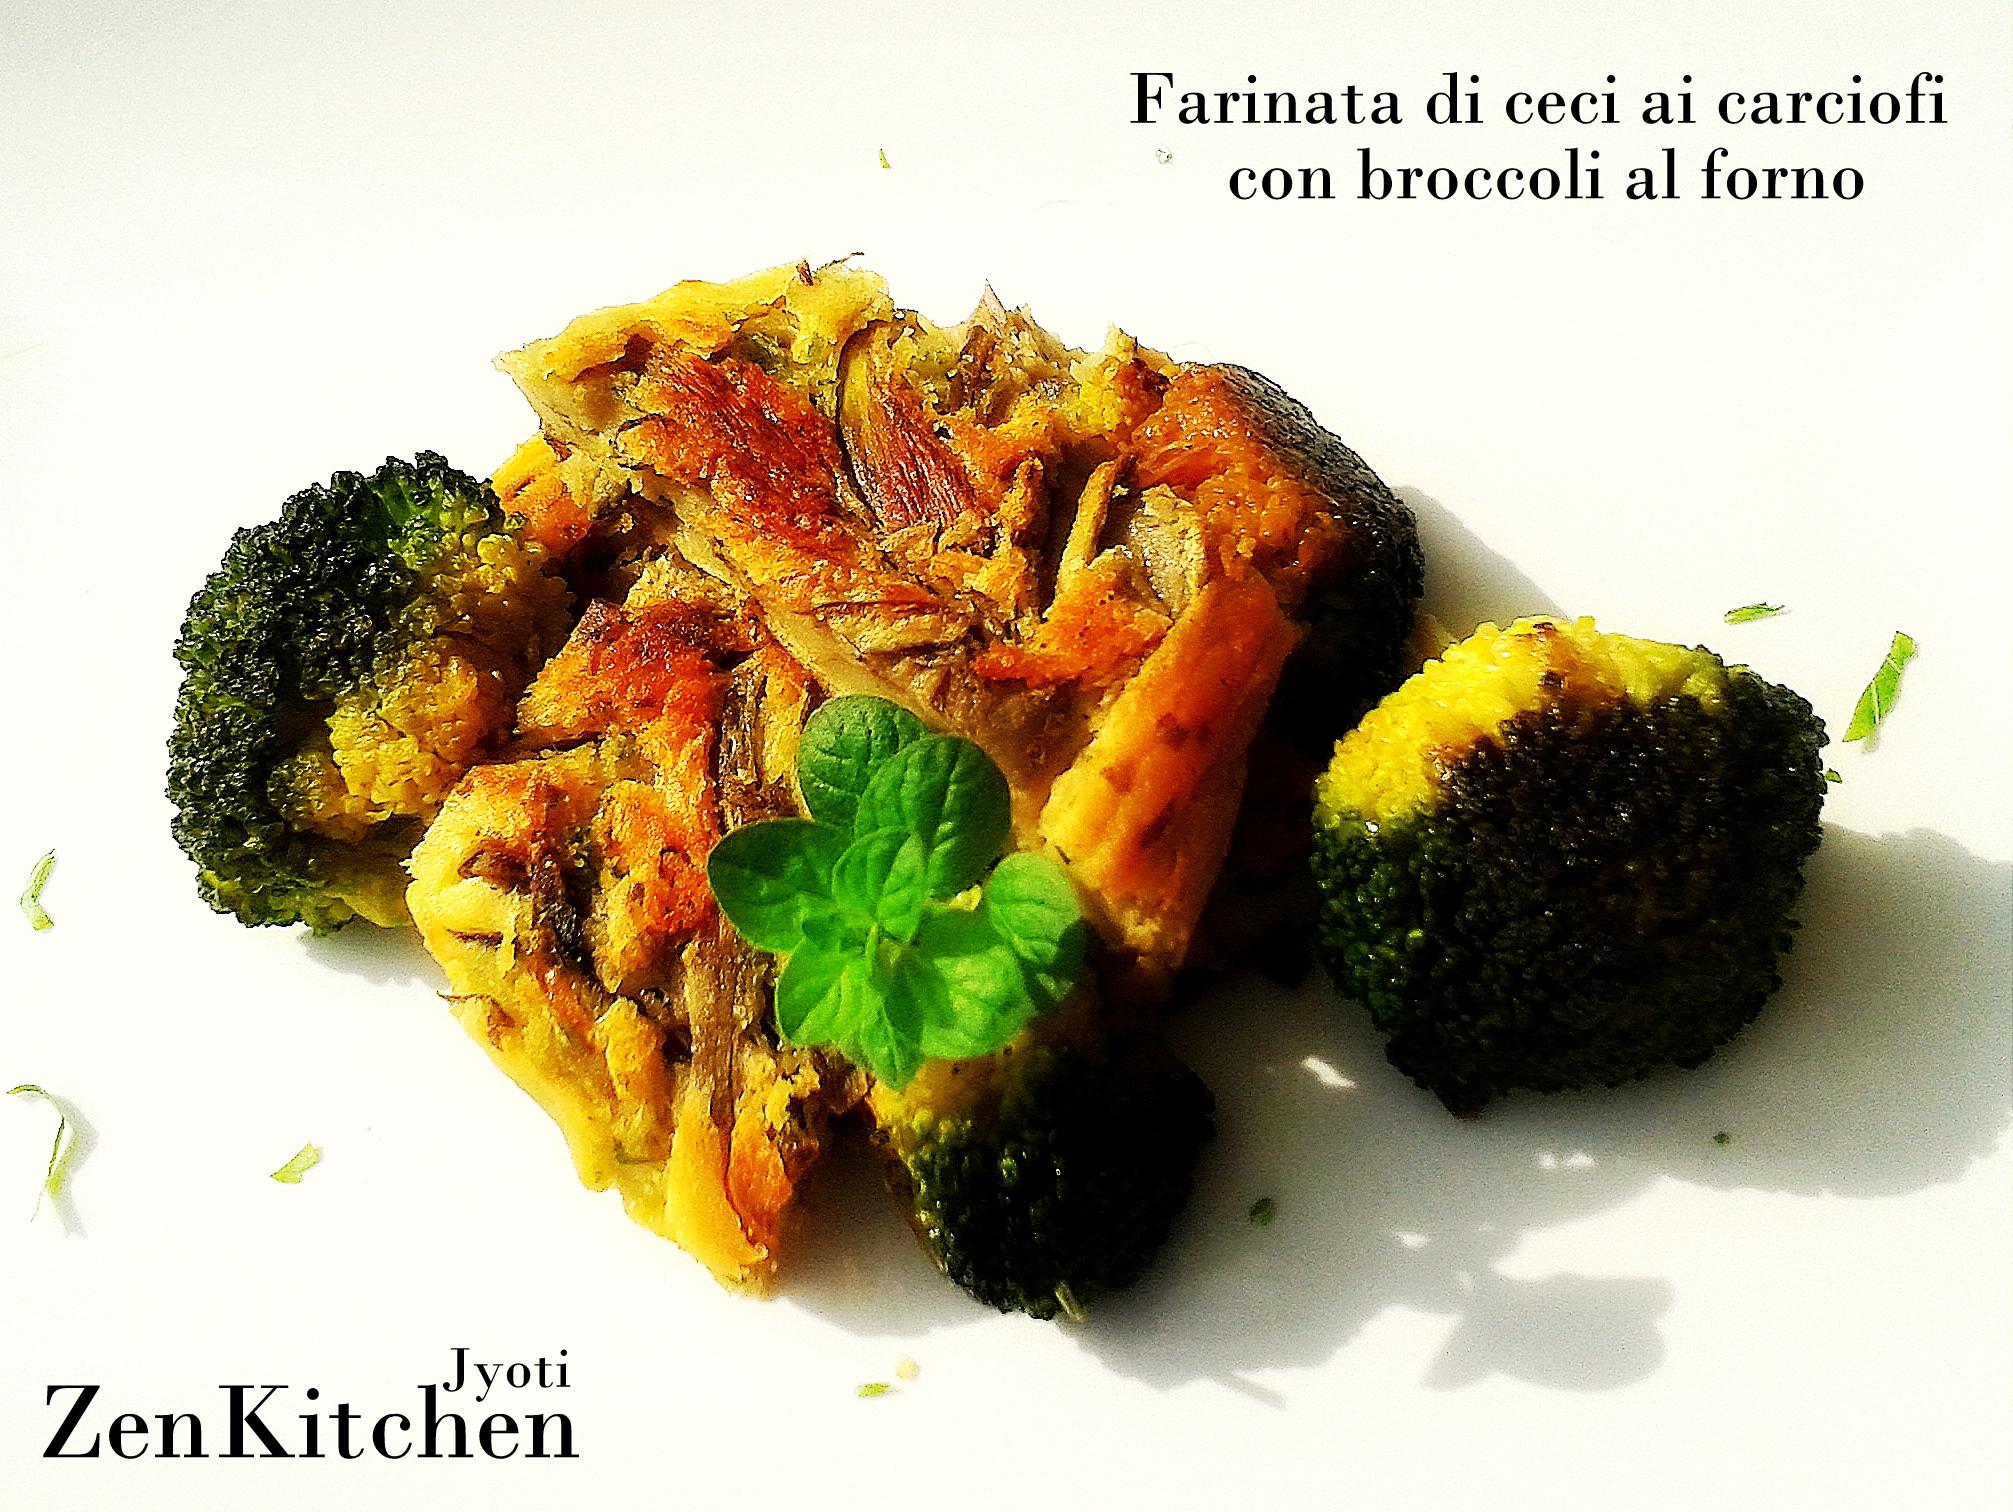 Ceciata ai carciofi con broccoli al forno